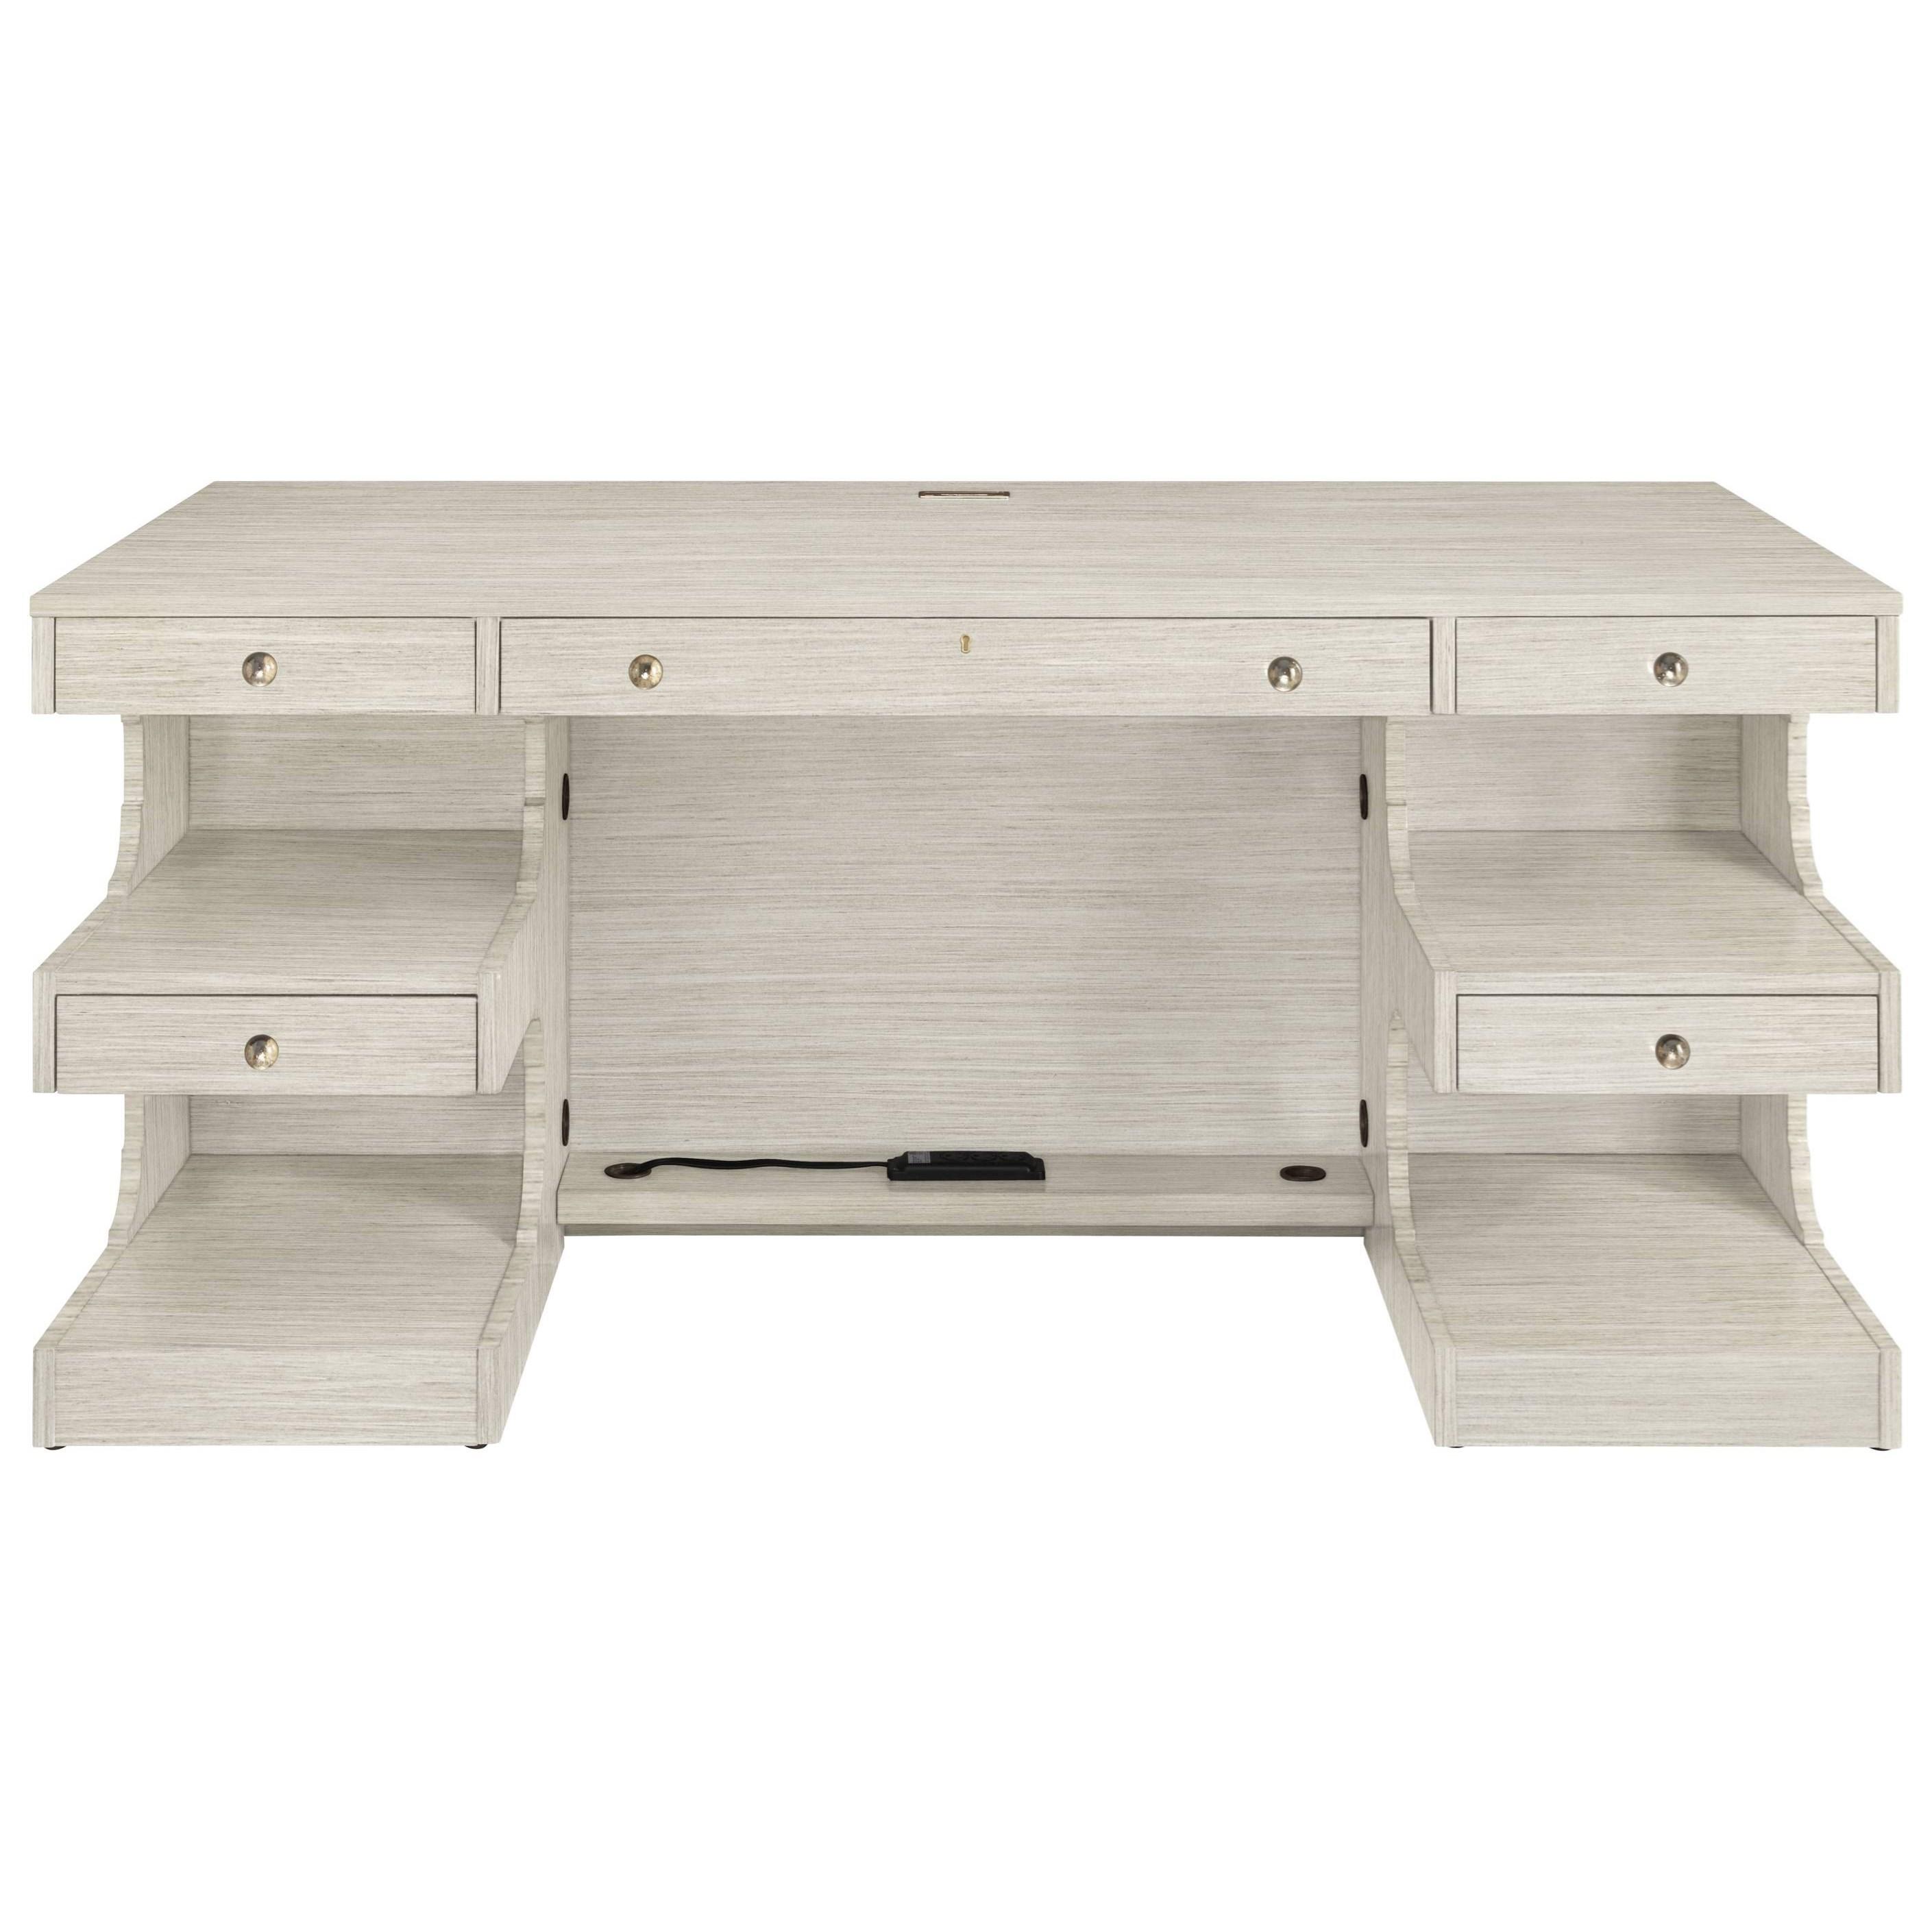 Stanley Furniture Coastal Living Oasis Cape Dutch Writing Desk - Item Number: 527-55-03